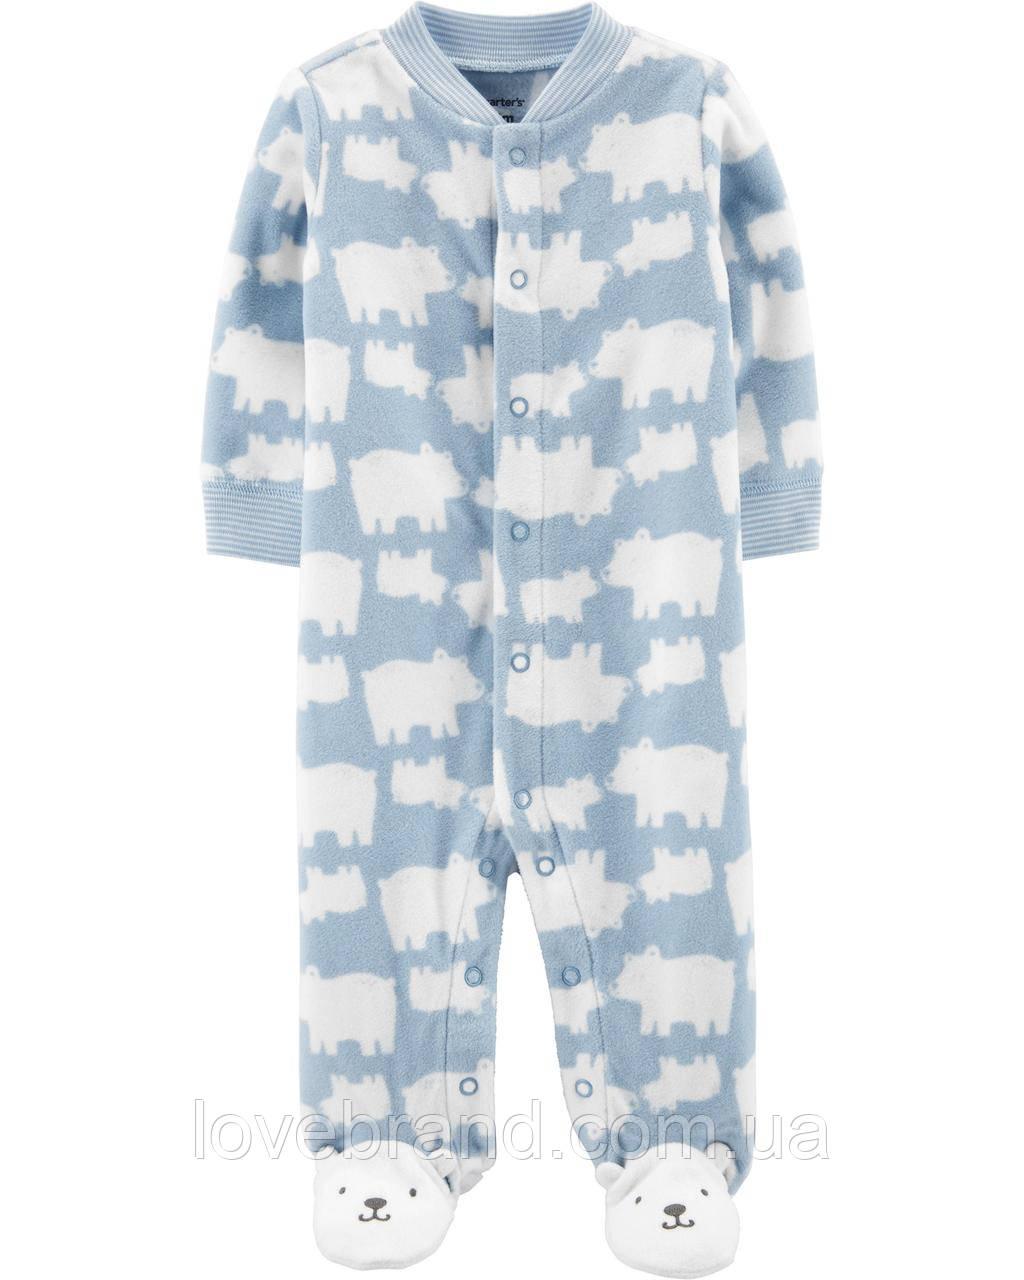 Флисовый человечек для мальчика Carter's, голубой с ножками